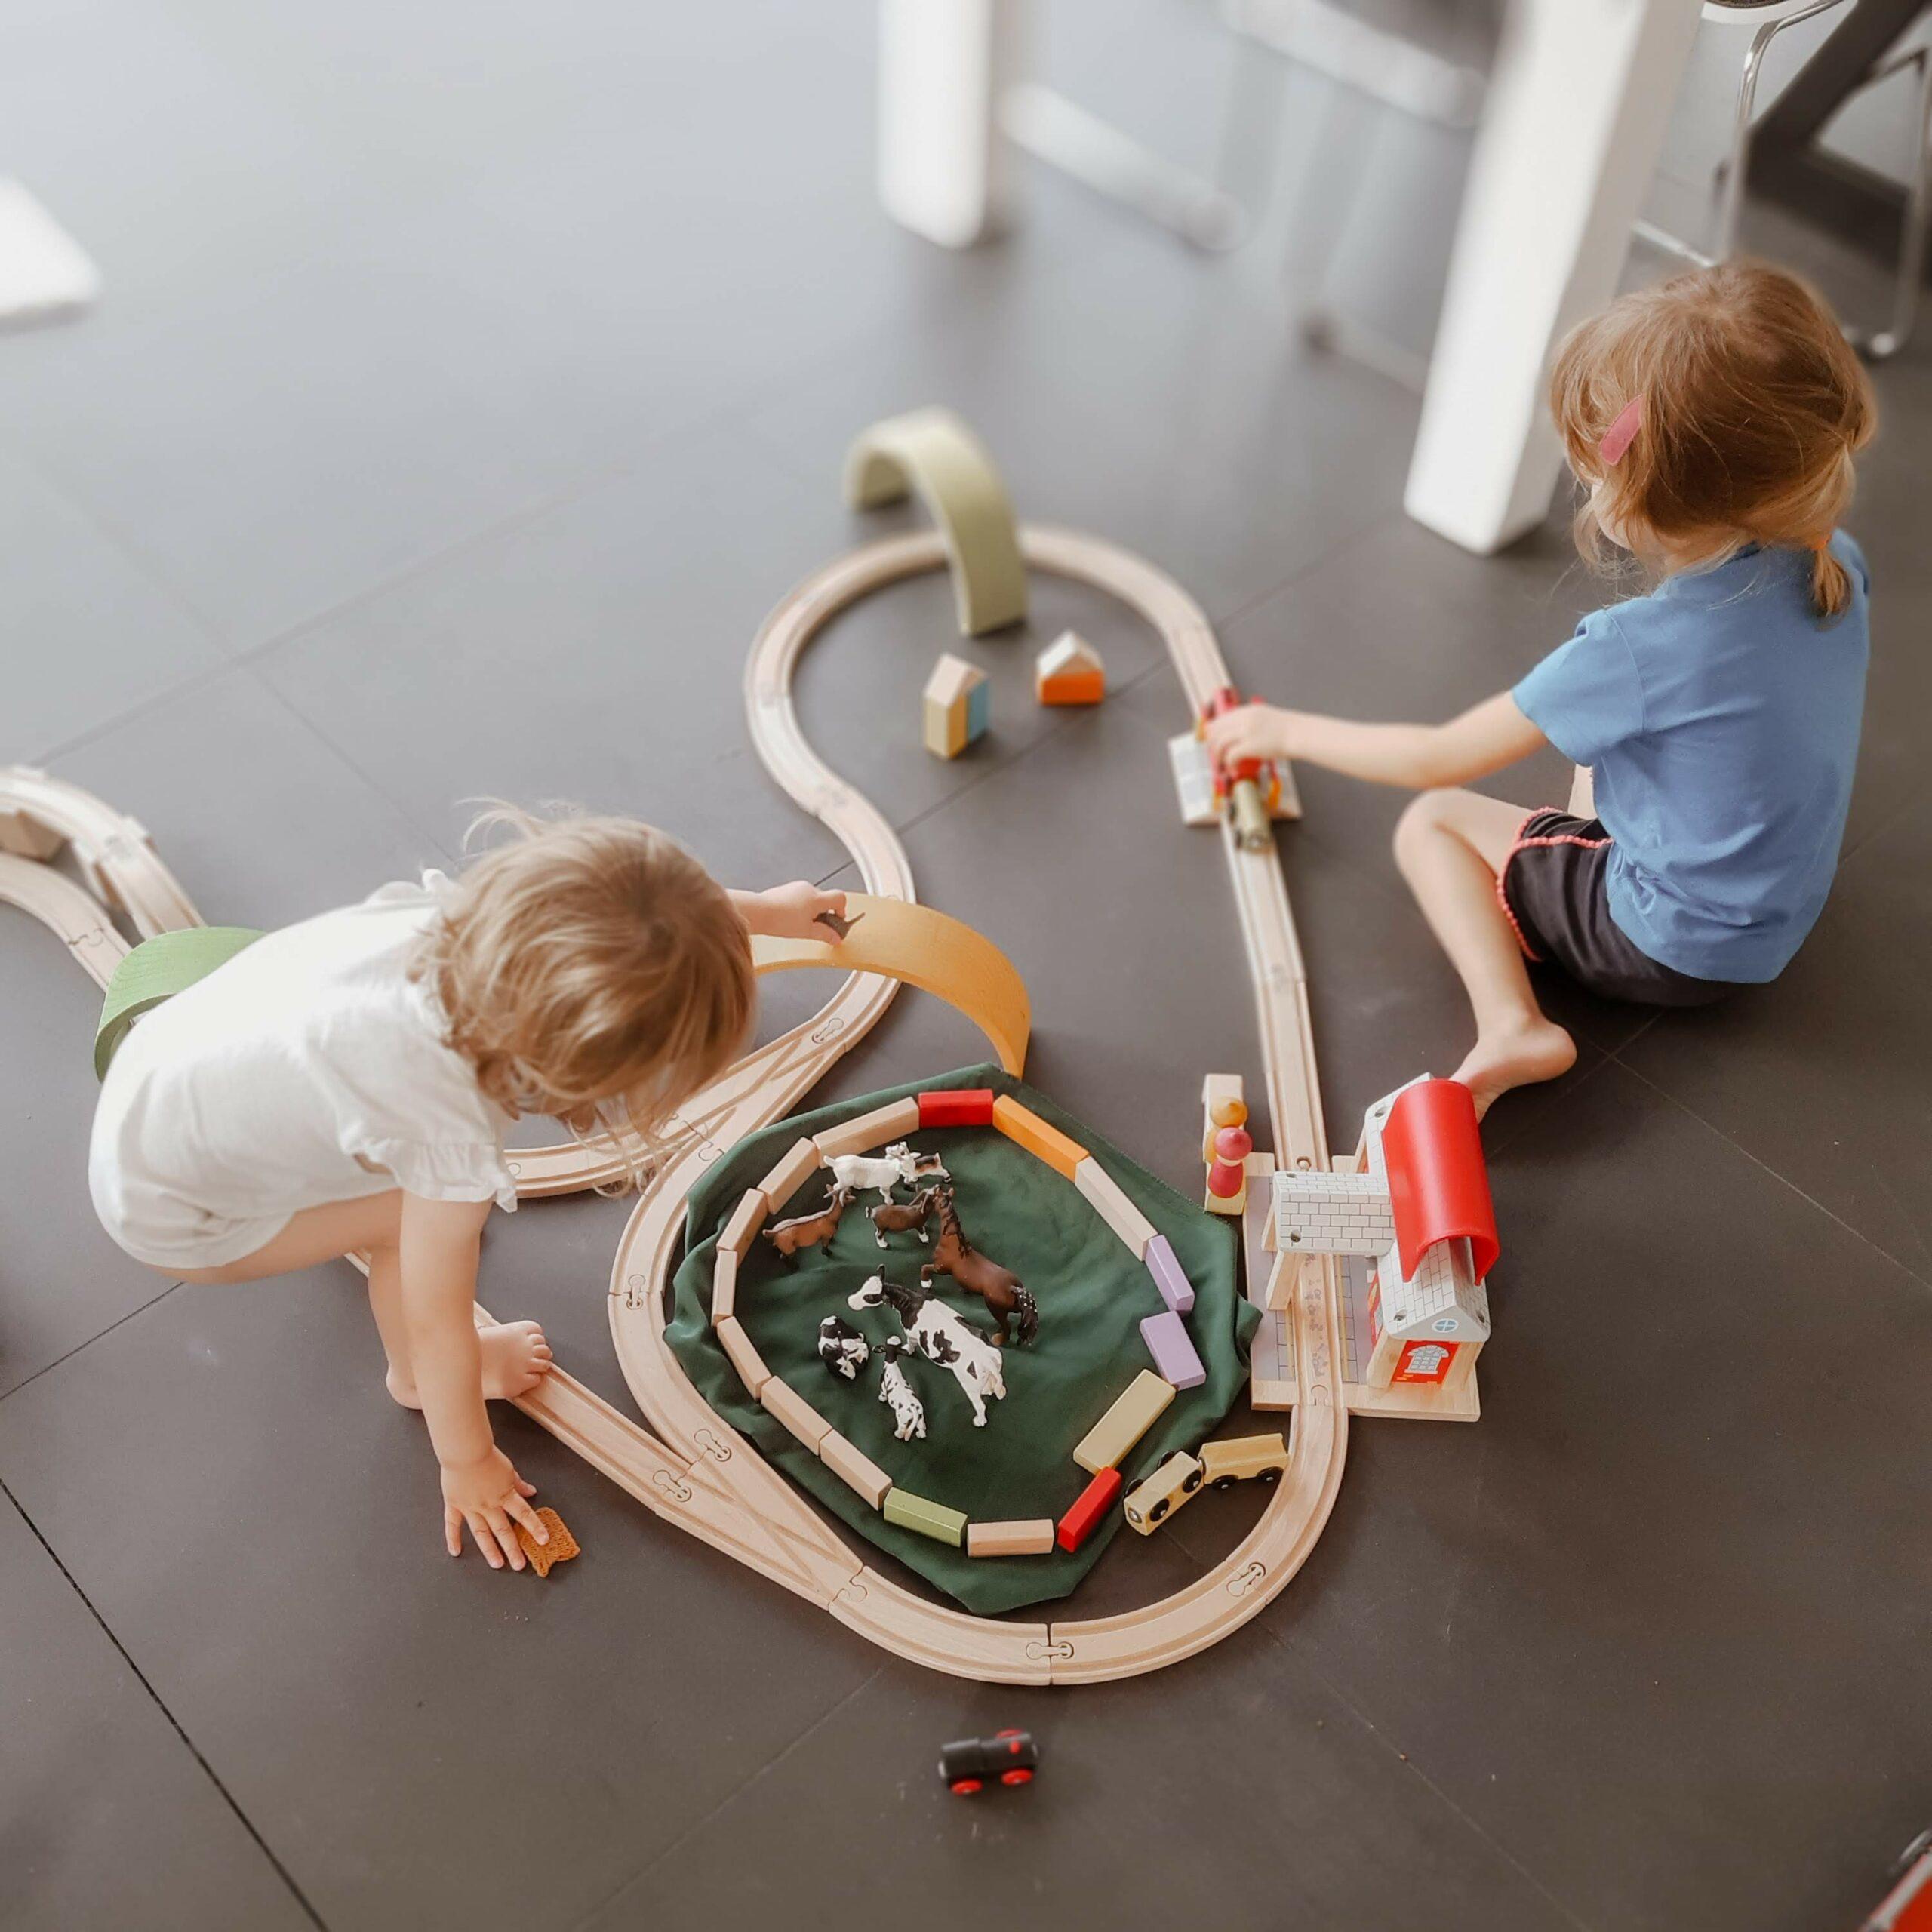 Het belang van concentratie en ongestoord spelen